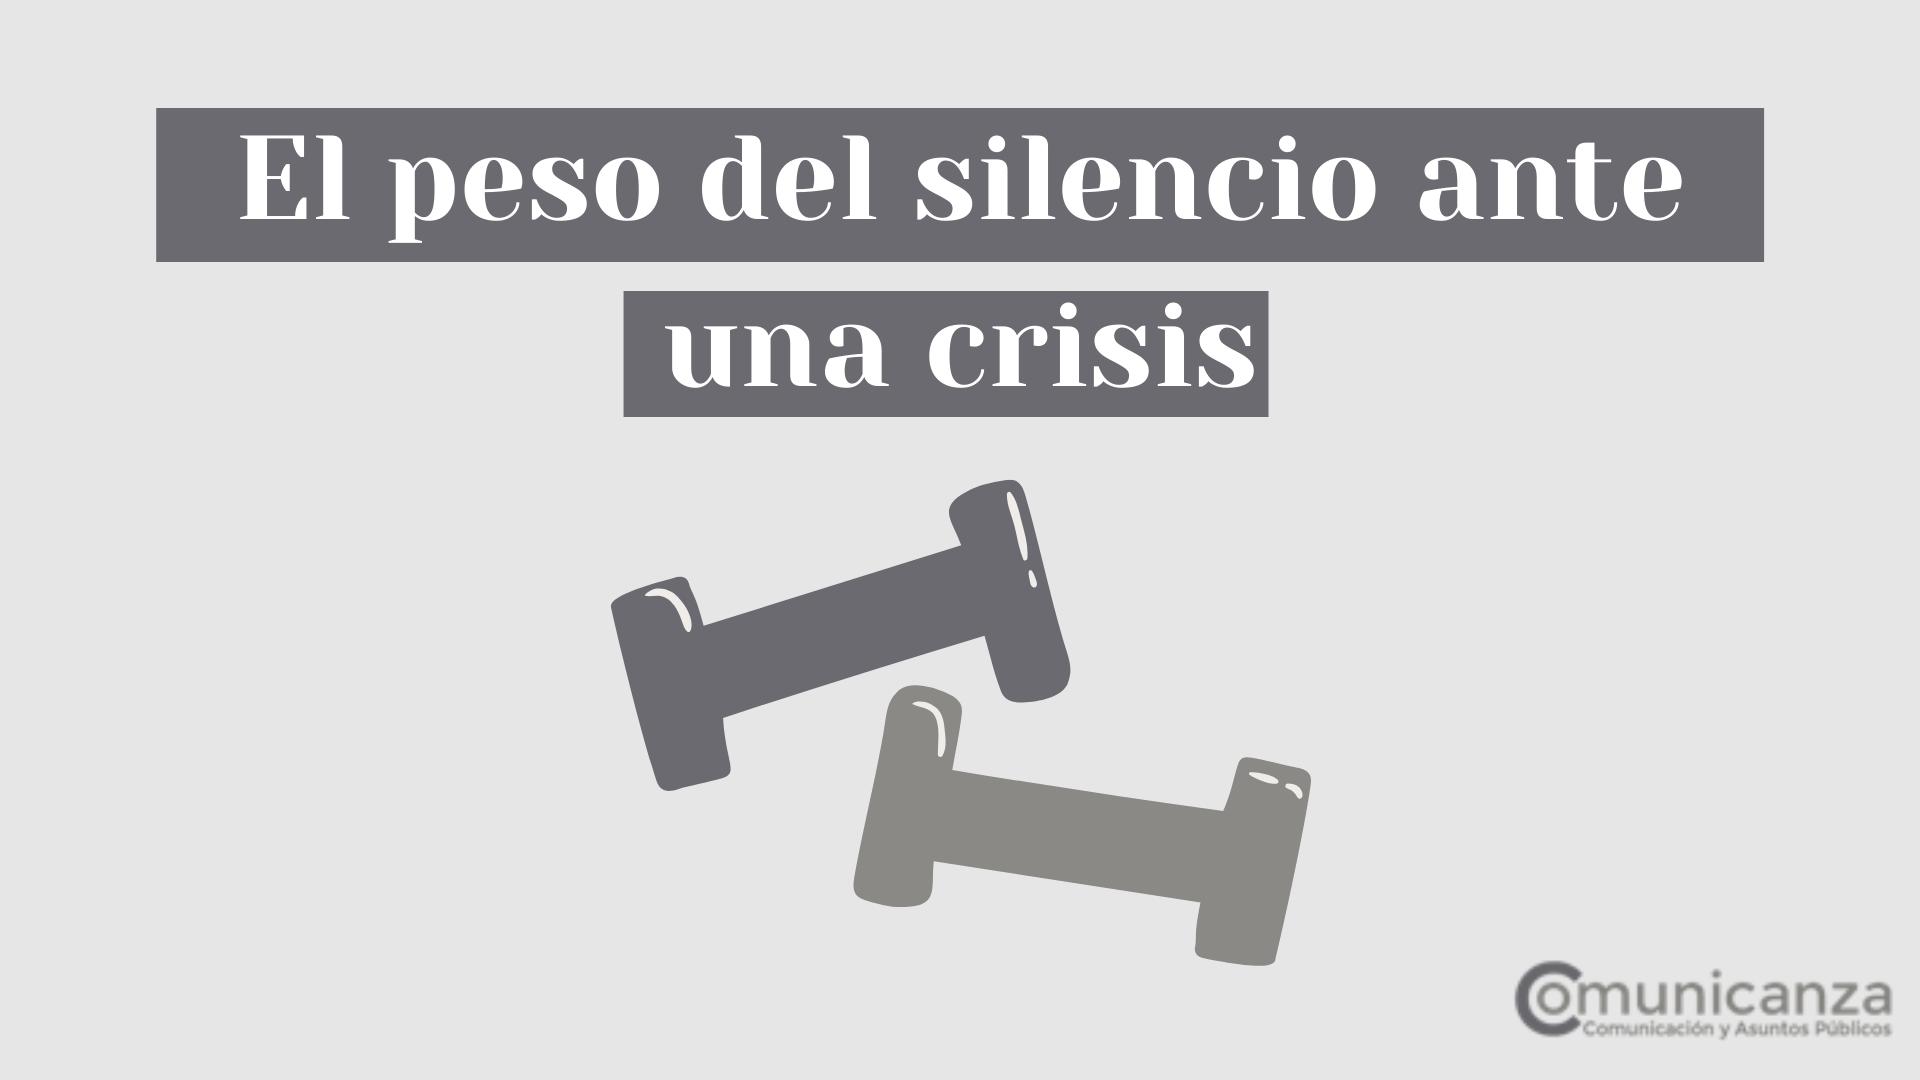 El peso del silencio ante una crisis